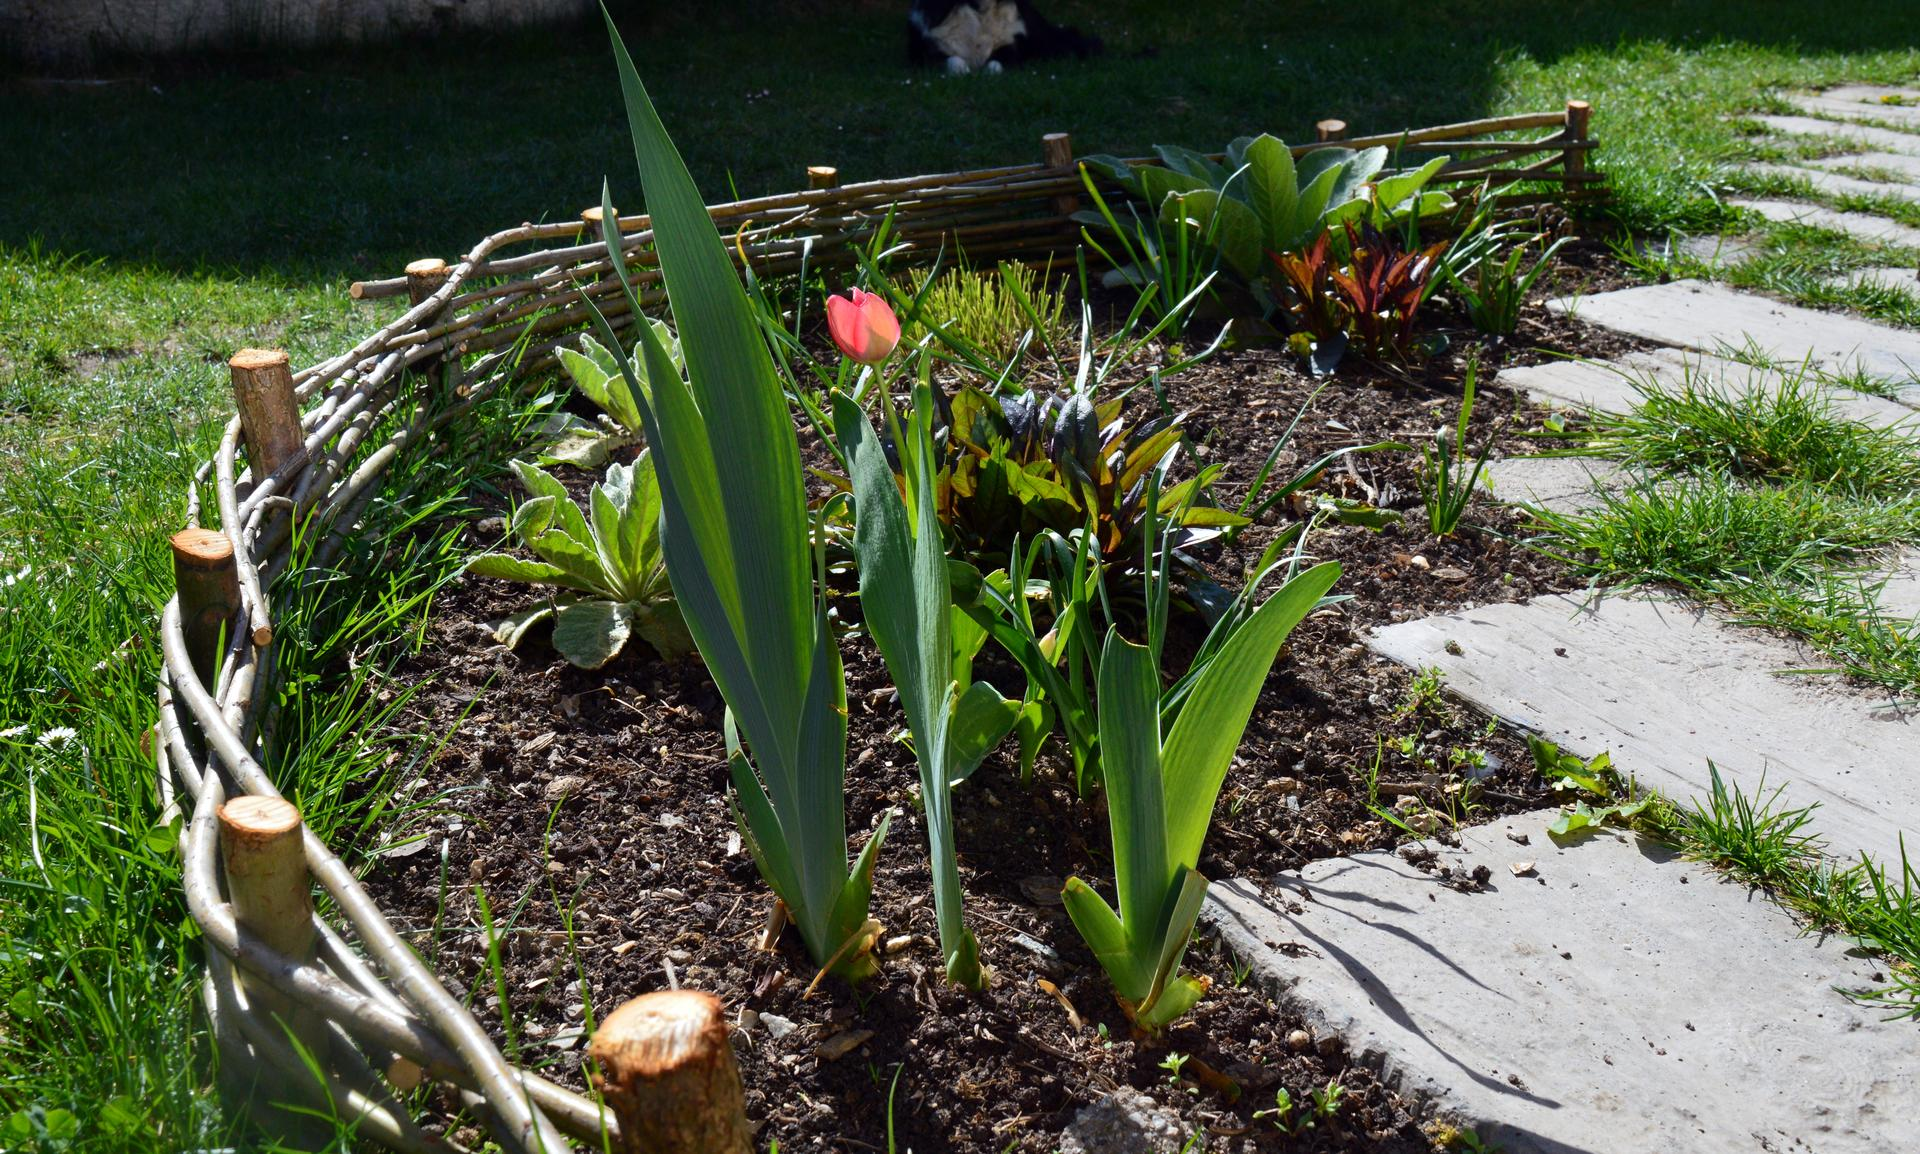 Naša prírodná perma záhradka v roku 2020 - na prechádzke sme našli ostrihané prúty z vŕby, tak sme trošku vylepšili záhonček, najmä kvôli psici, nech neskáče po kvetoch ako to ona rada